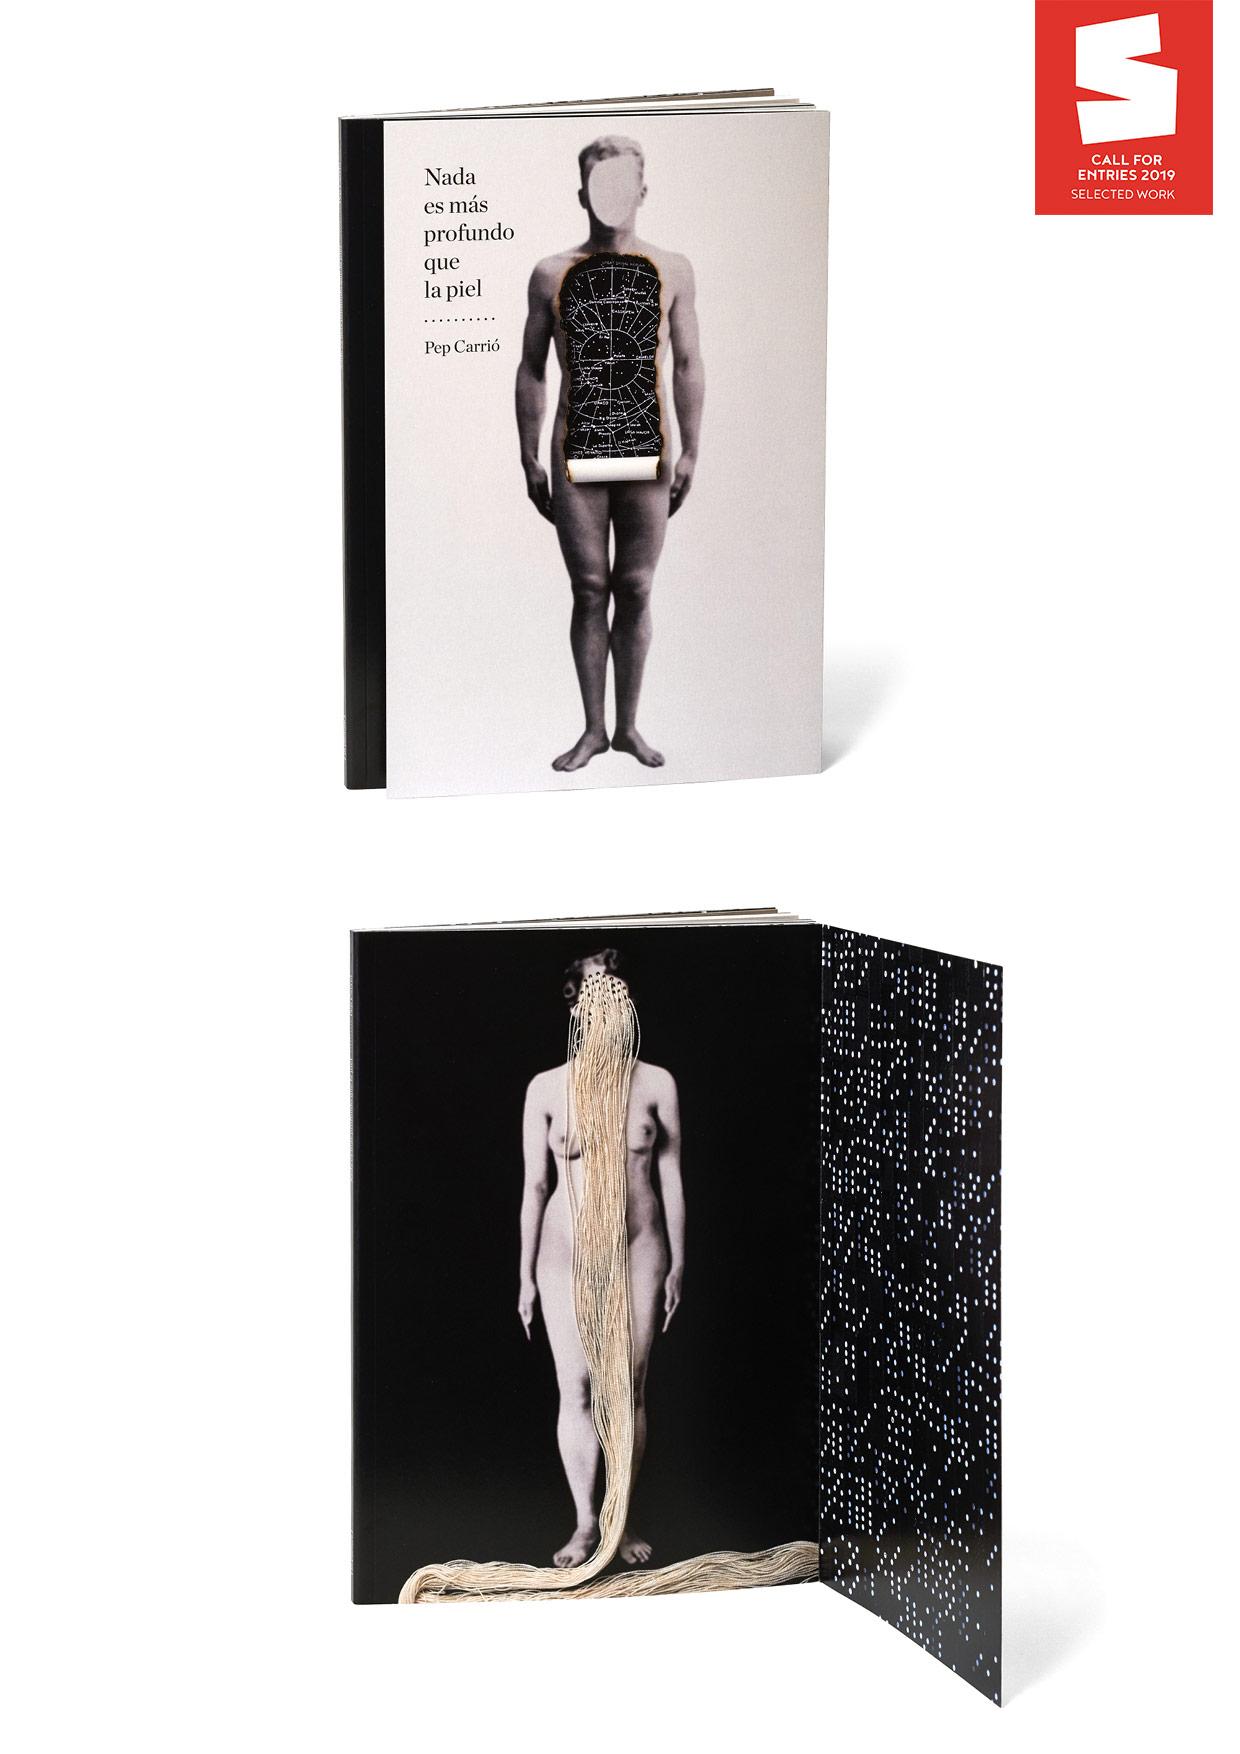 Catálogo 'Nada es más profundo que la piel' by Estudio Pep Carrió - Creative Work